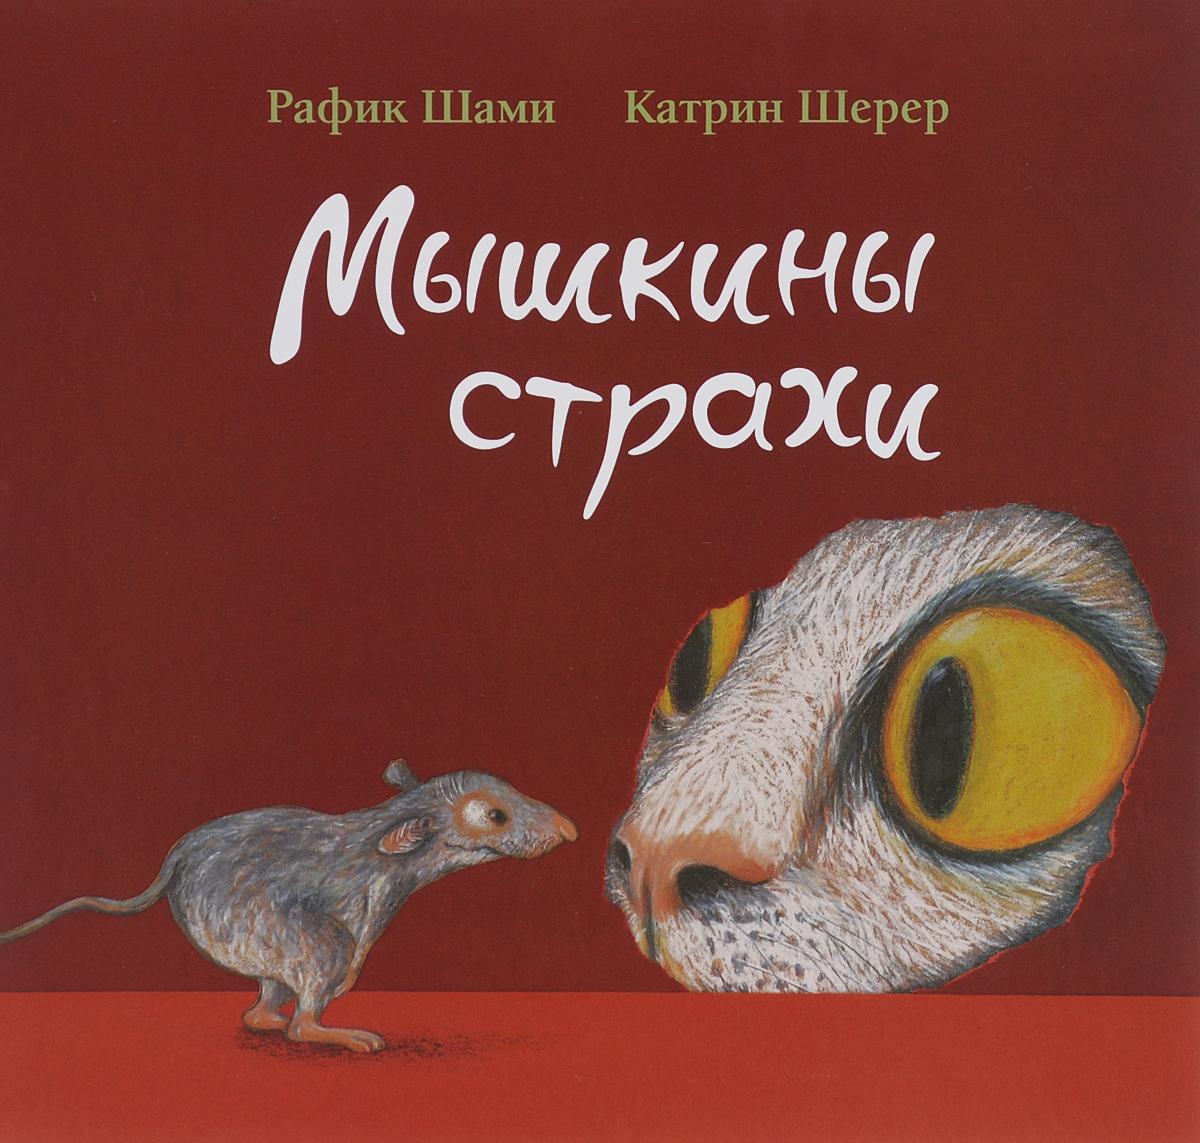 Мышкины страхи12296407Жила-была мышка, которая не знала, что такое страх. Любопытной мышке очень интересно было, что же это такое, и всех, кого встречала она на пути, - от большого льва до крошечного кузнечика - она спрашивала: А ты чувствуешь страх? Удивительная история бесстрашной мышки будет интересна и полезна и малышам и взрослым - ведь в конце концов оказывается, что чувствовать страх иногда не только можно, но и просто необходимо - и маленькой мышке, и огромному слону. Для чтения взрослыми детям.